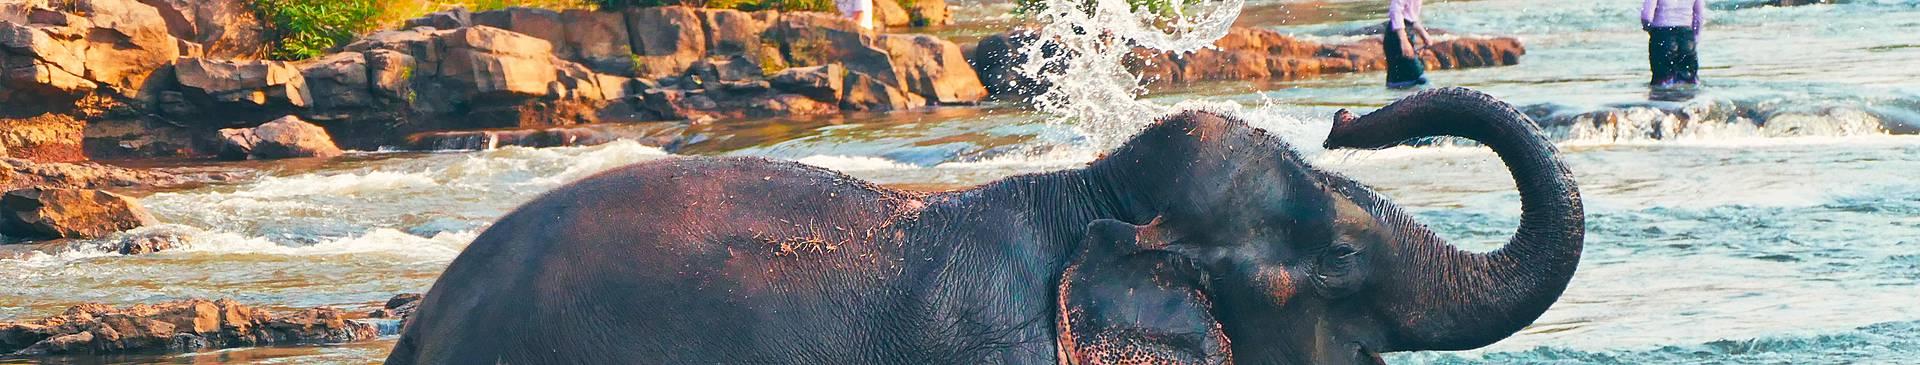 Safari au Laos